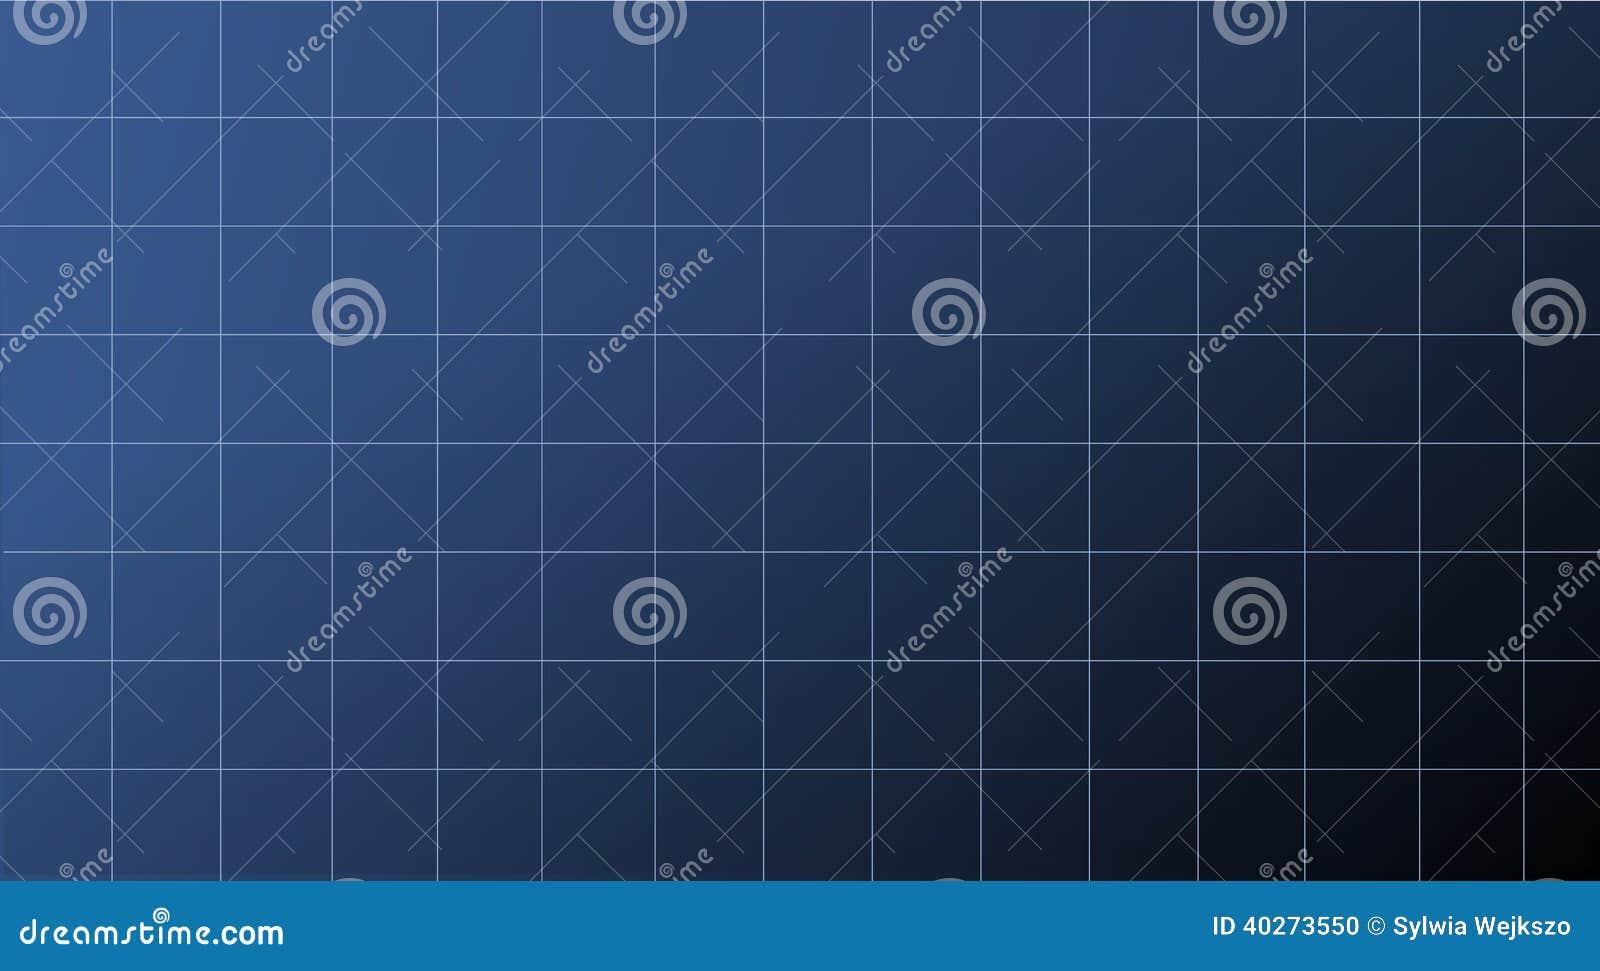 Blauer abstrakter Nettohintergrund für technische Diagramme